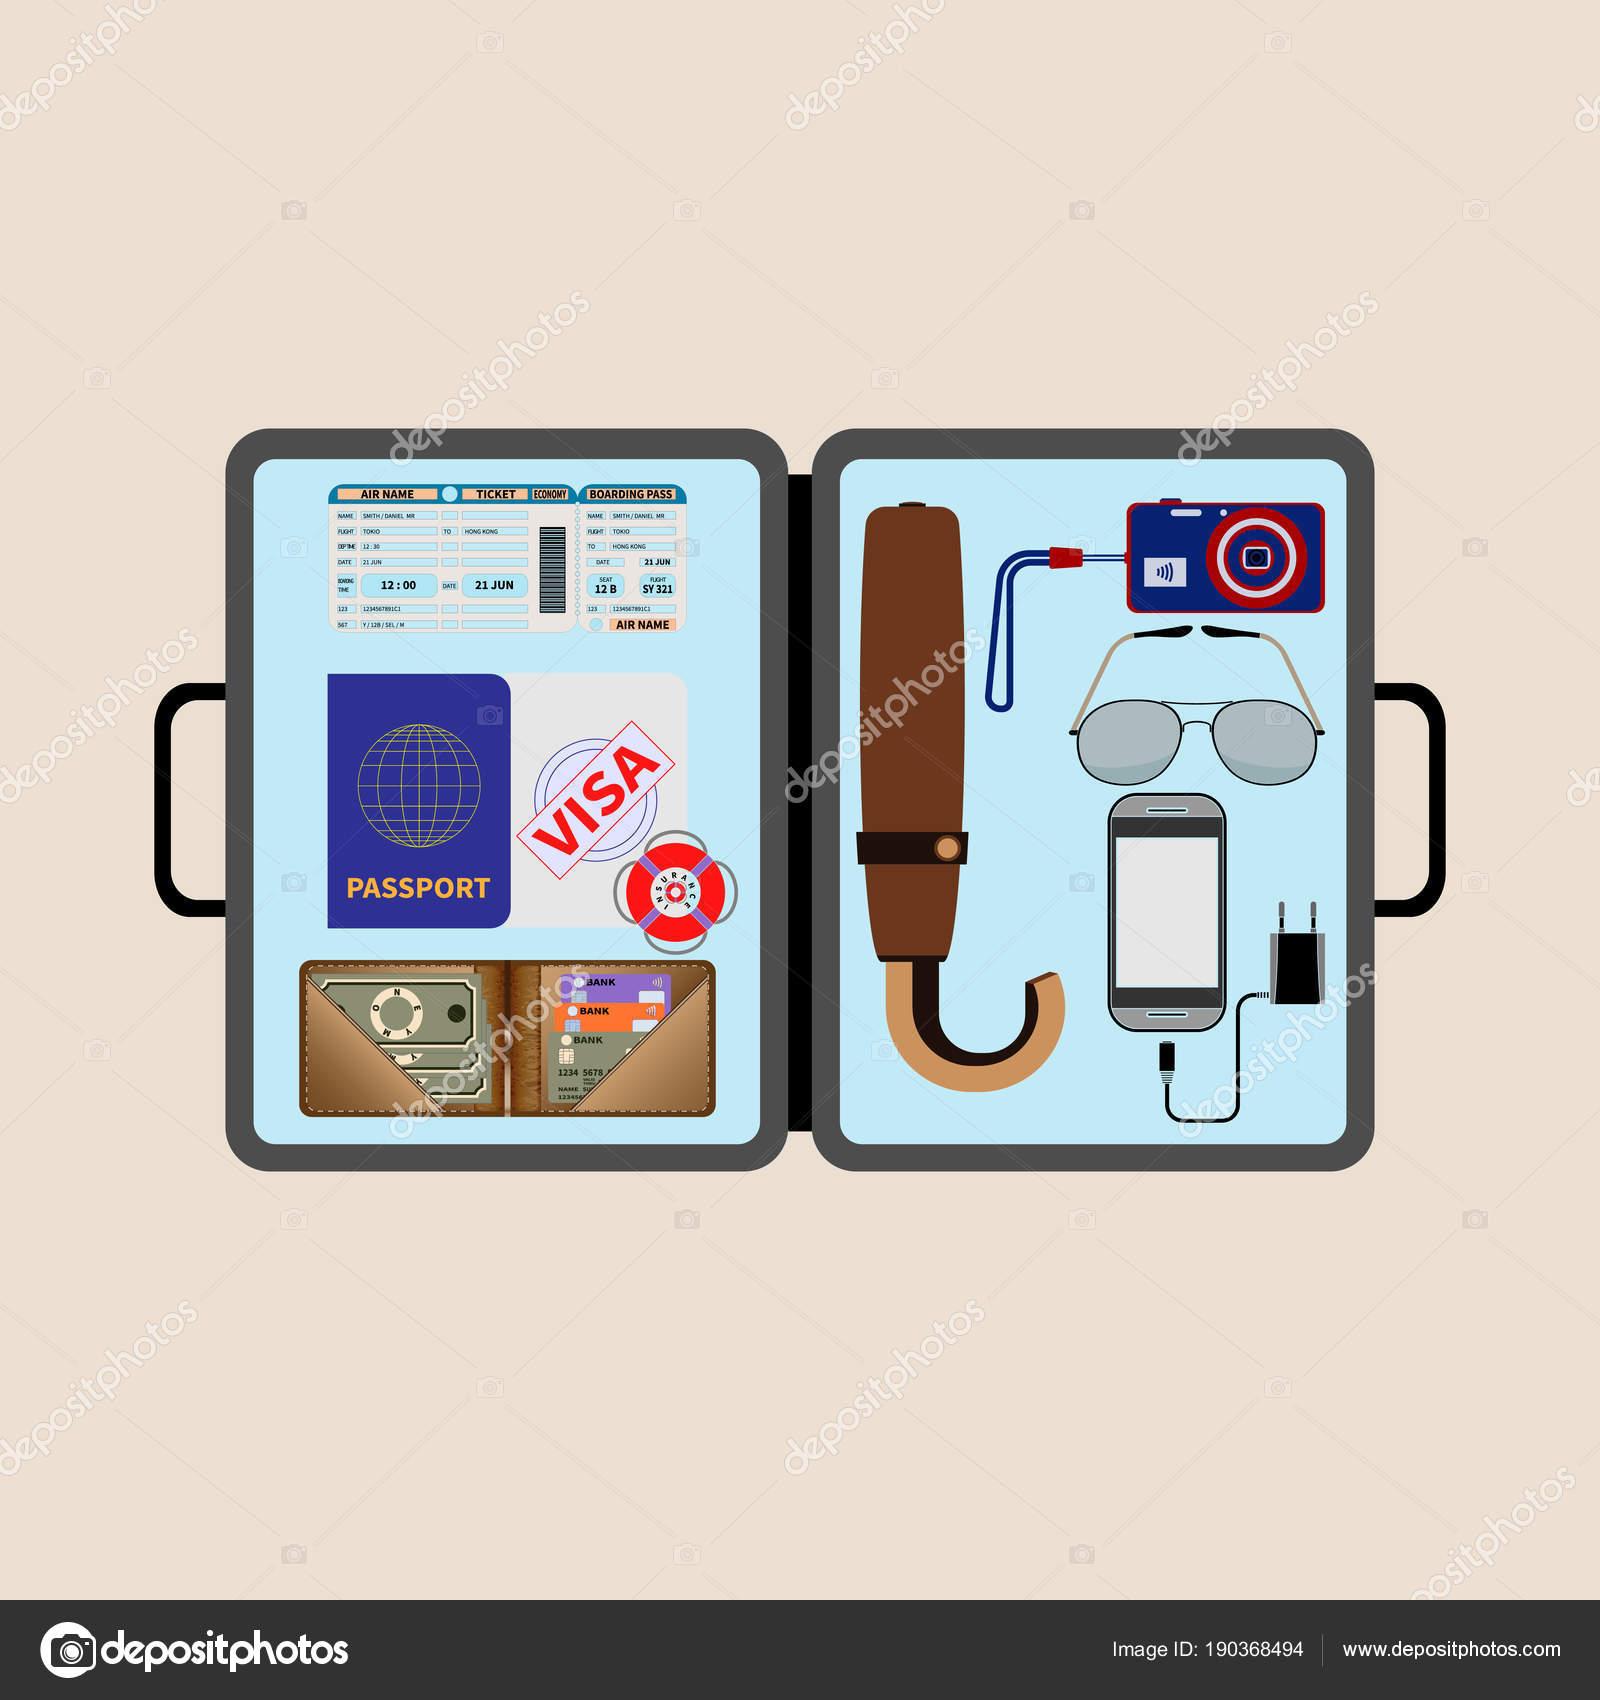 Векторная иллюстрация плоский портфель с вещами для путешествий  транспорт  билета, паспорта, визы, страхование, бумажник с наличные и кредитные карты,  ... 71a216e7f83